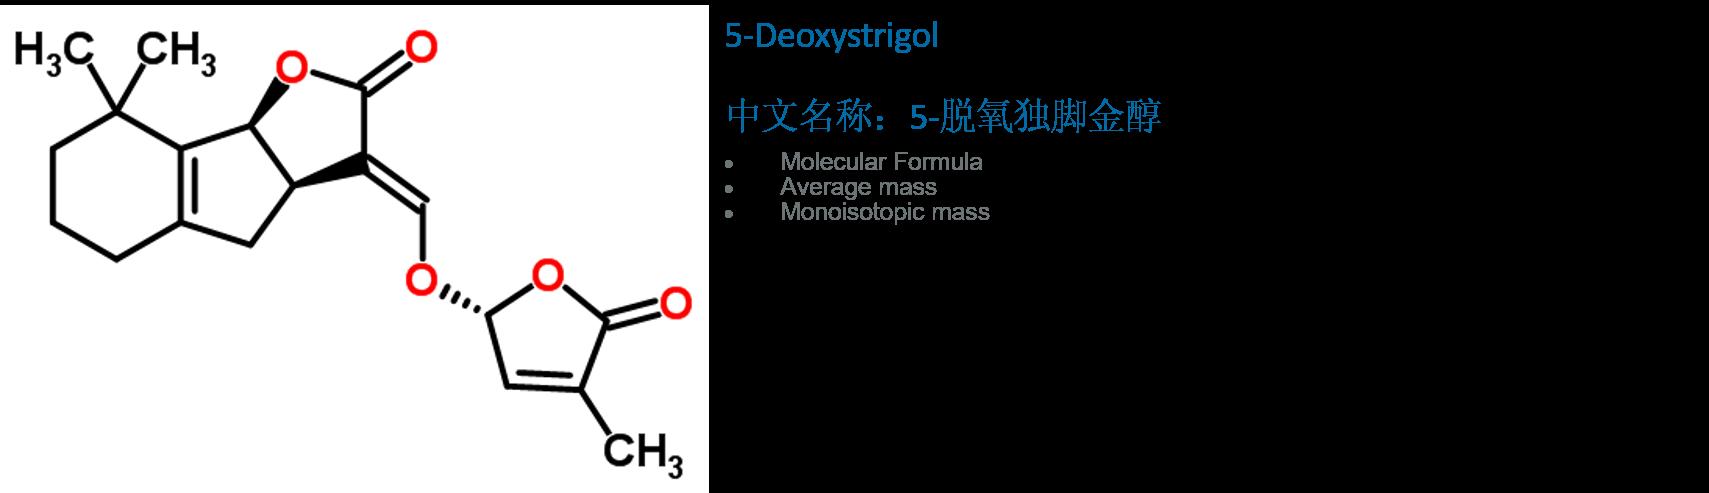 独角金内脂5-DS的化学方程式